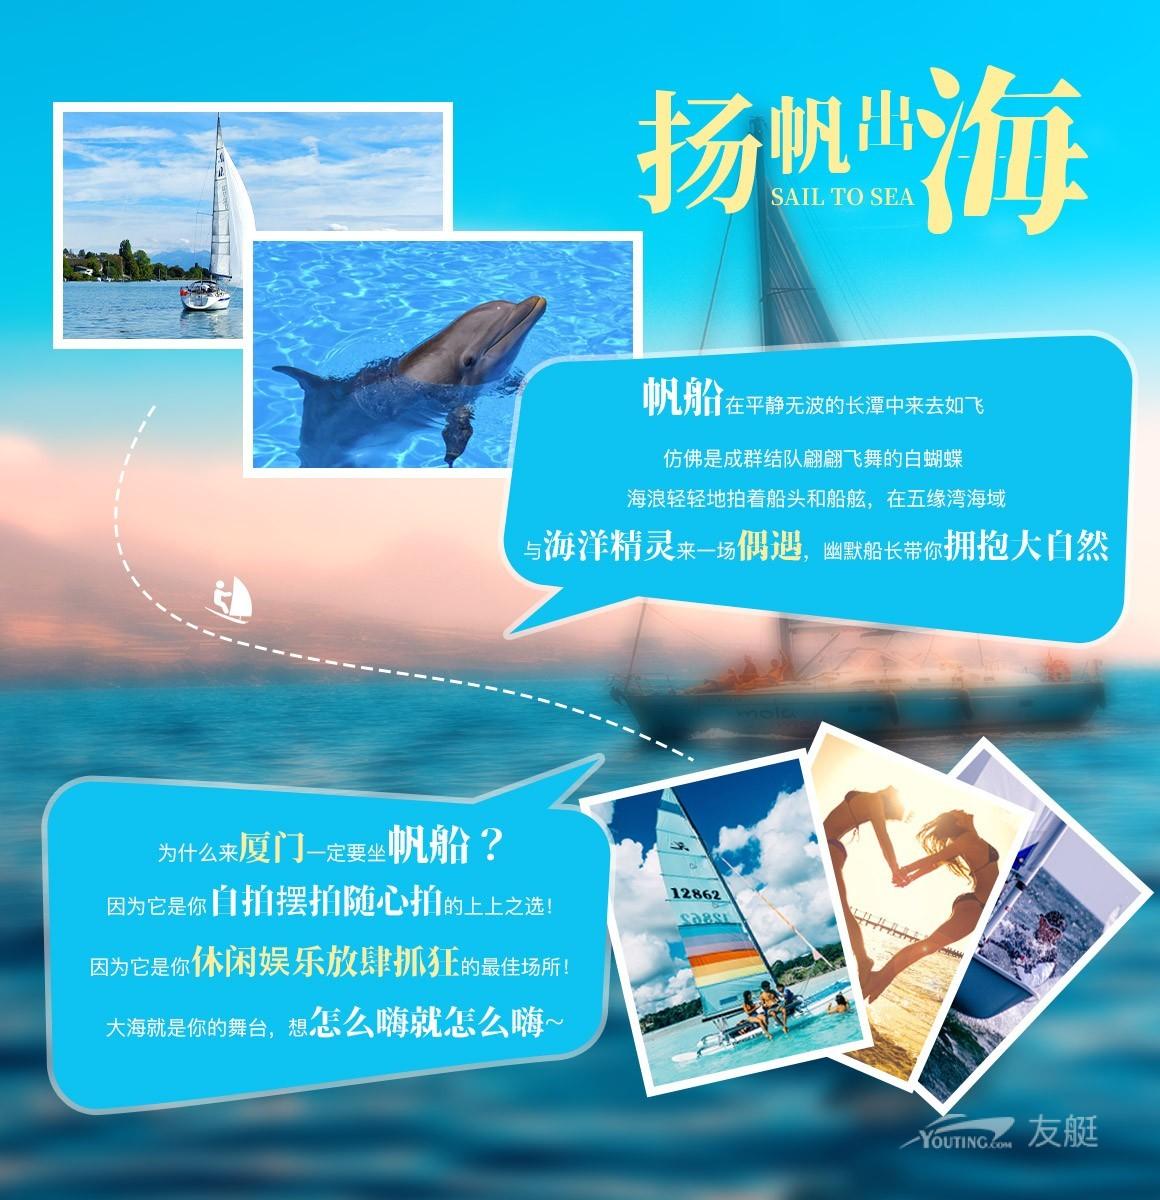 五缘湾帆船出海体验(环岛路包接送)